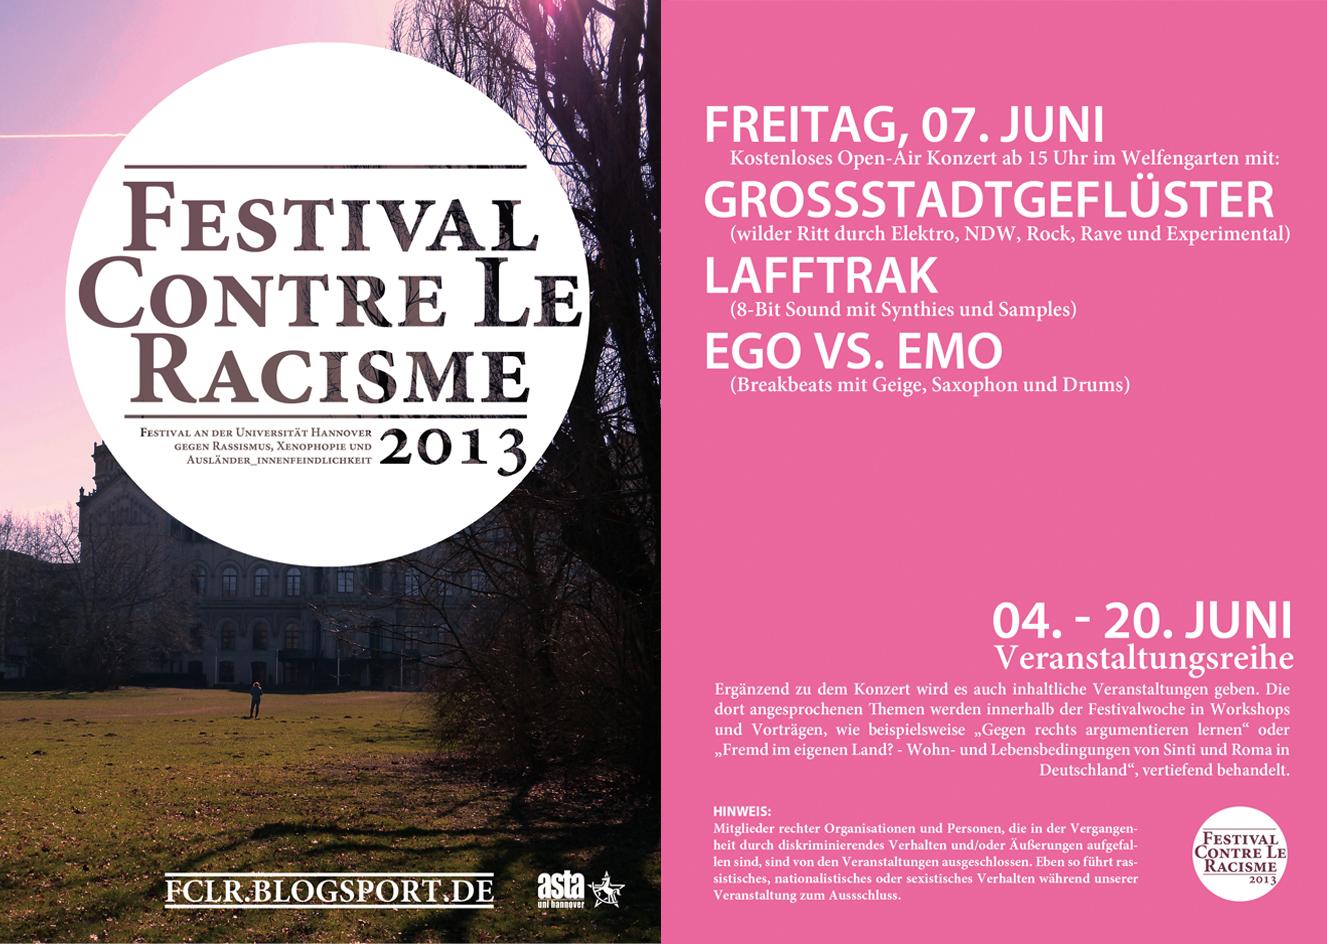 festival contre le racisme 2013 Flyer